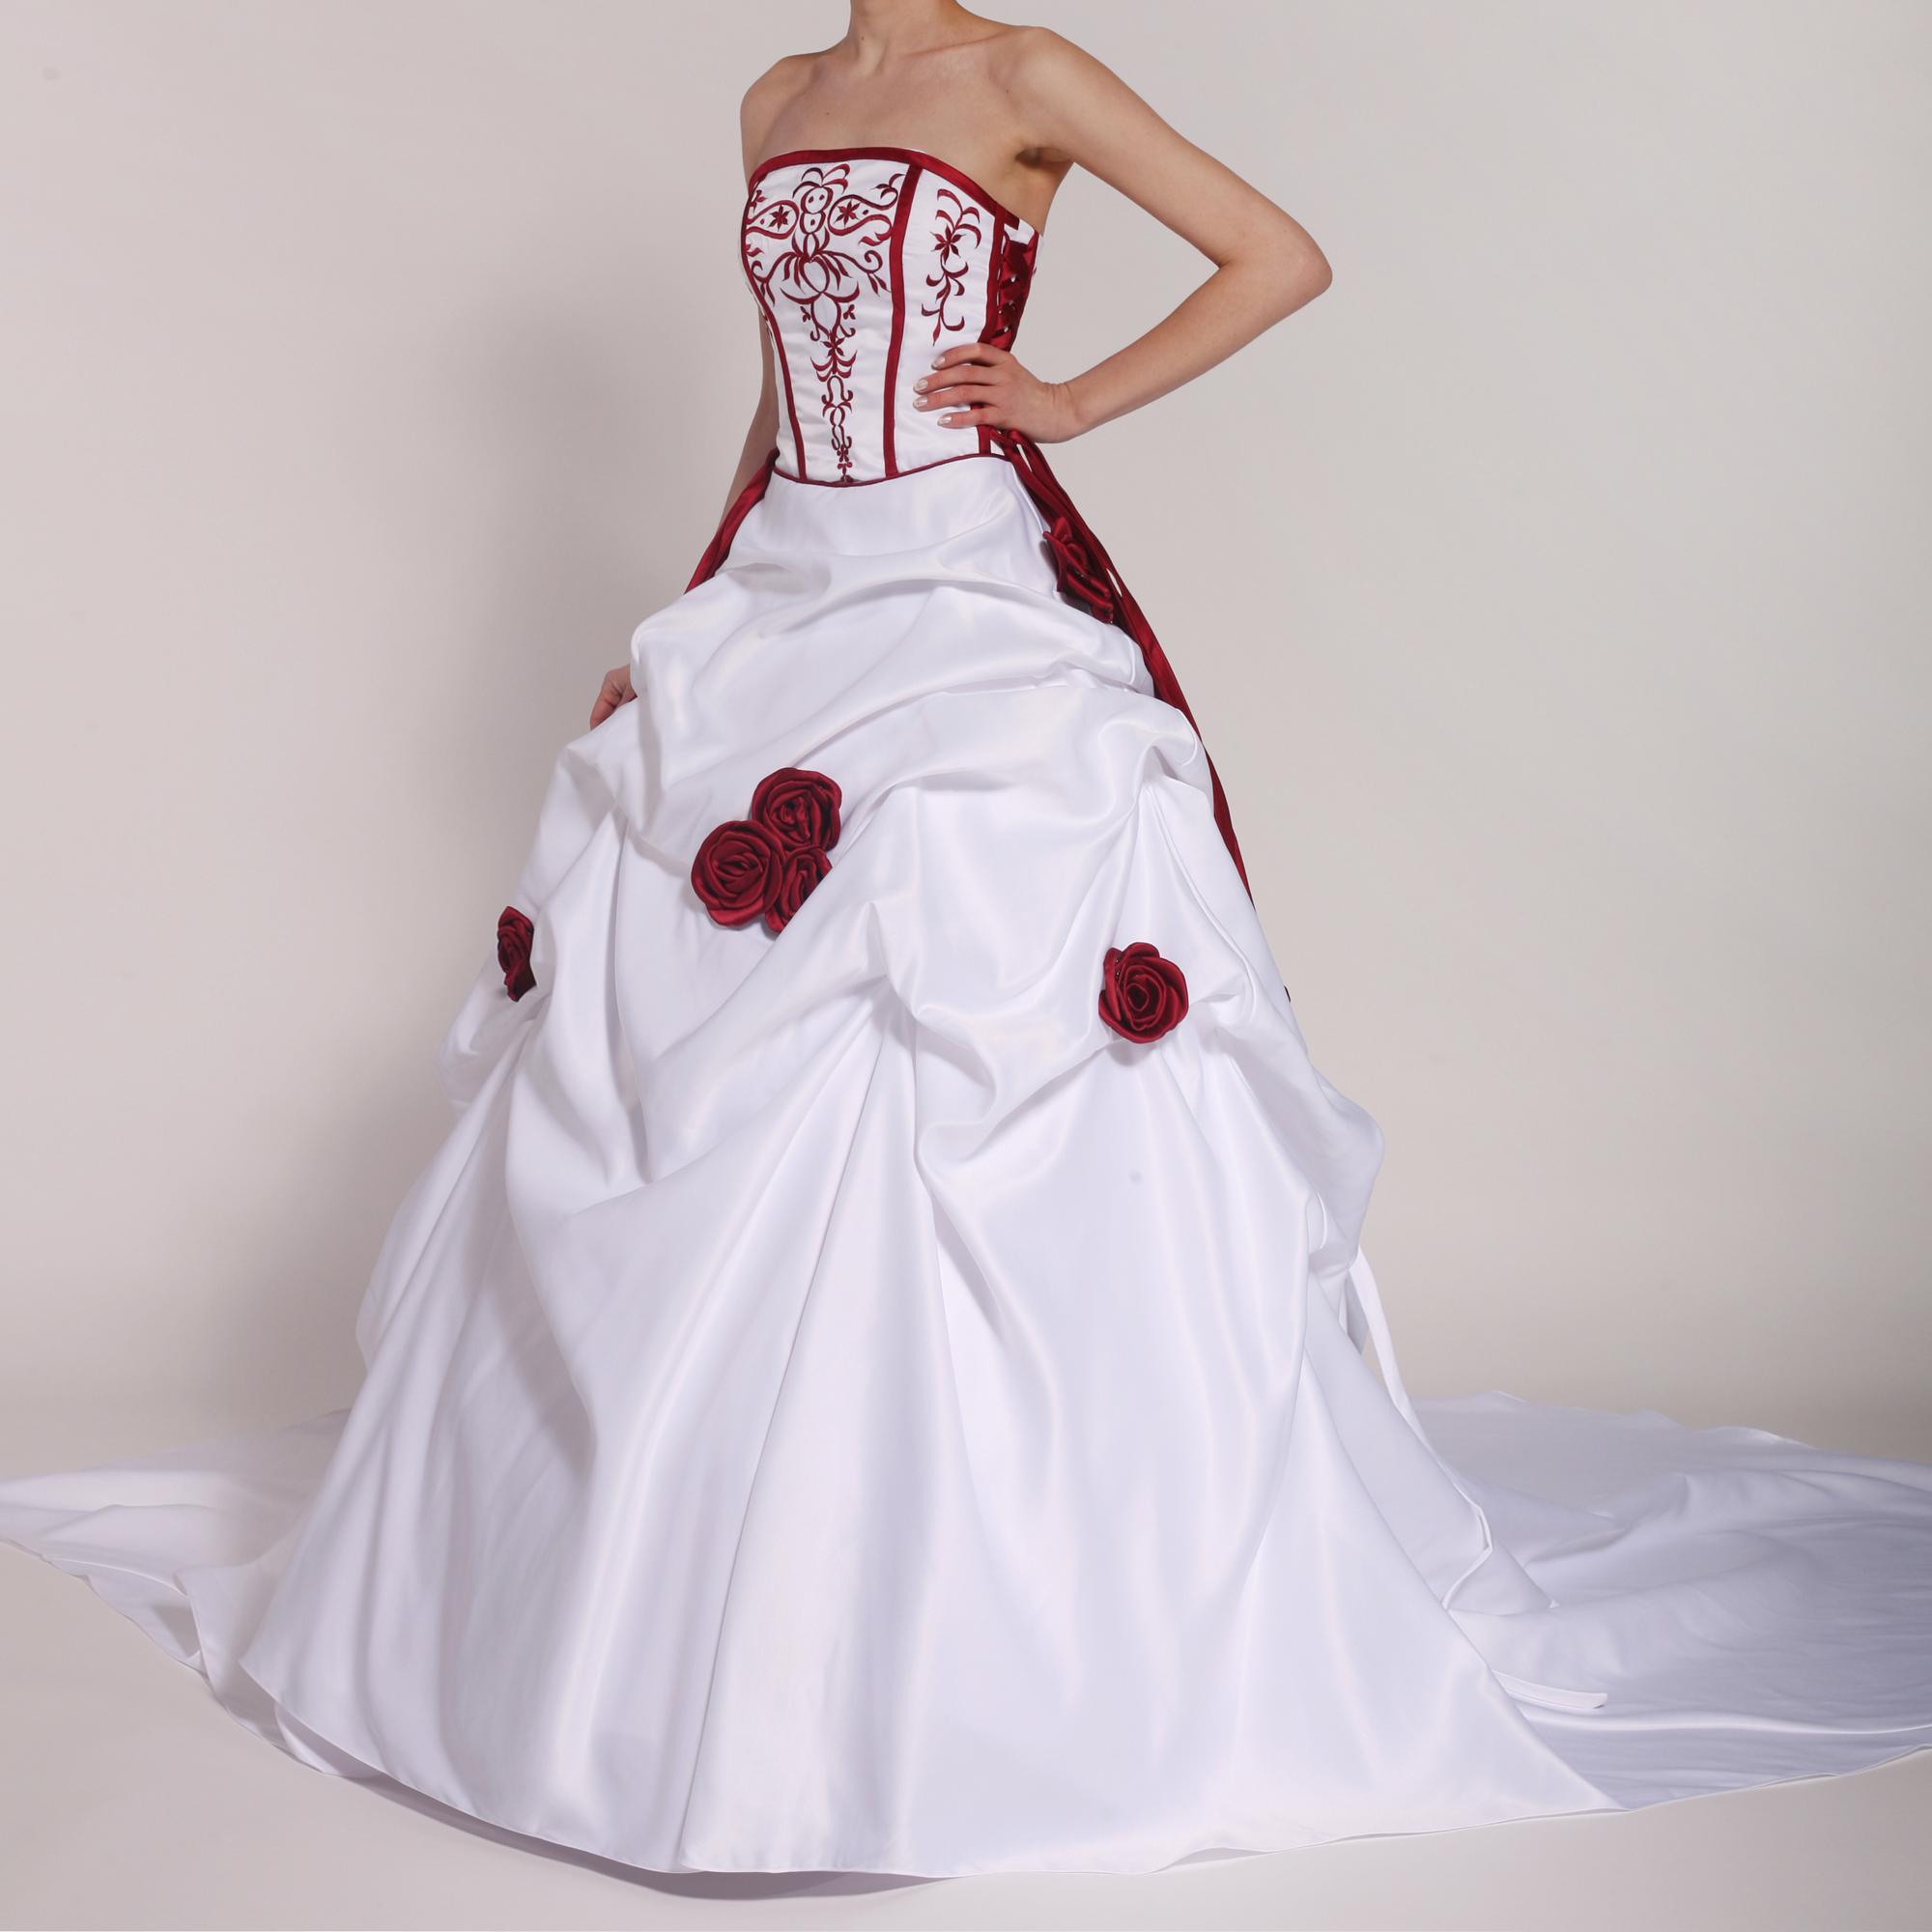 Brautkleid H12 weiß mit roten Blumen